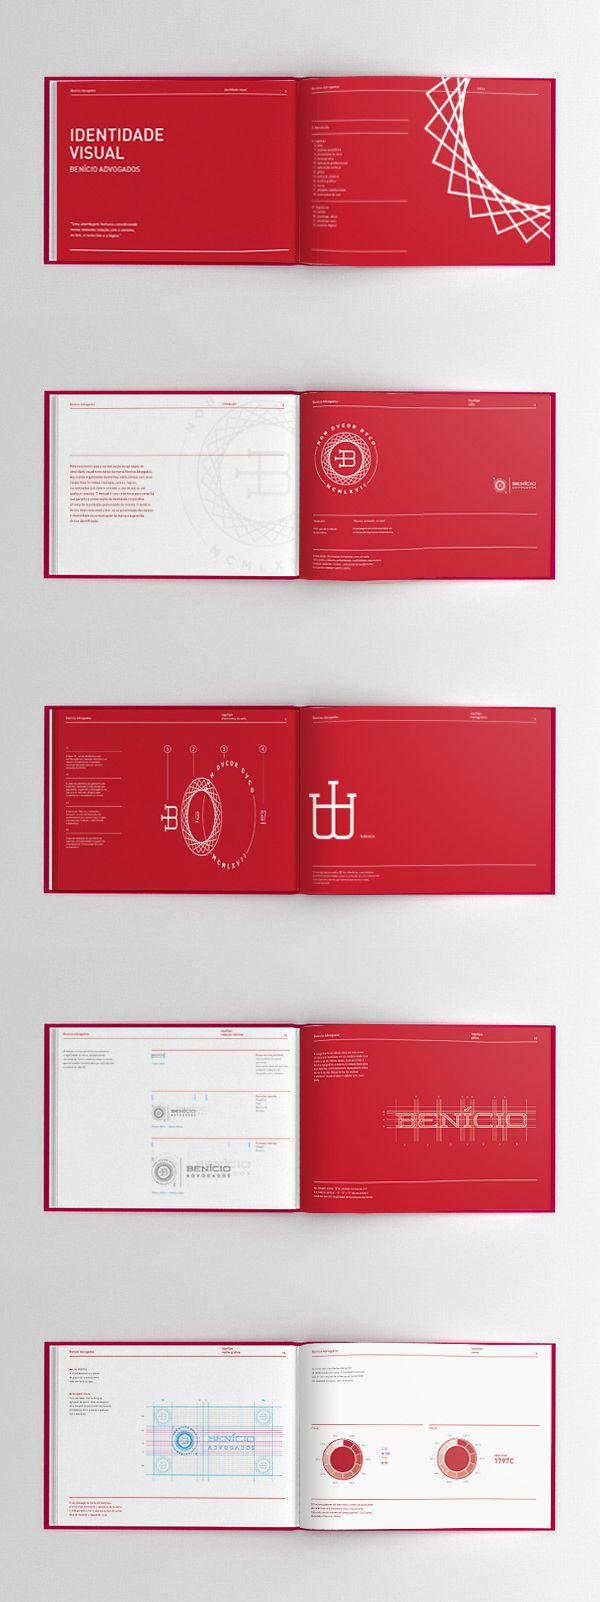 Identidade Visual da Benício Lawyers | Criatives | Blog Design, Inspirações, Tutoriais, Web Design